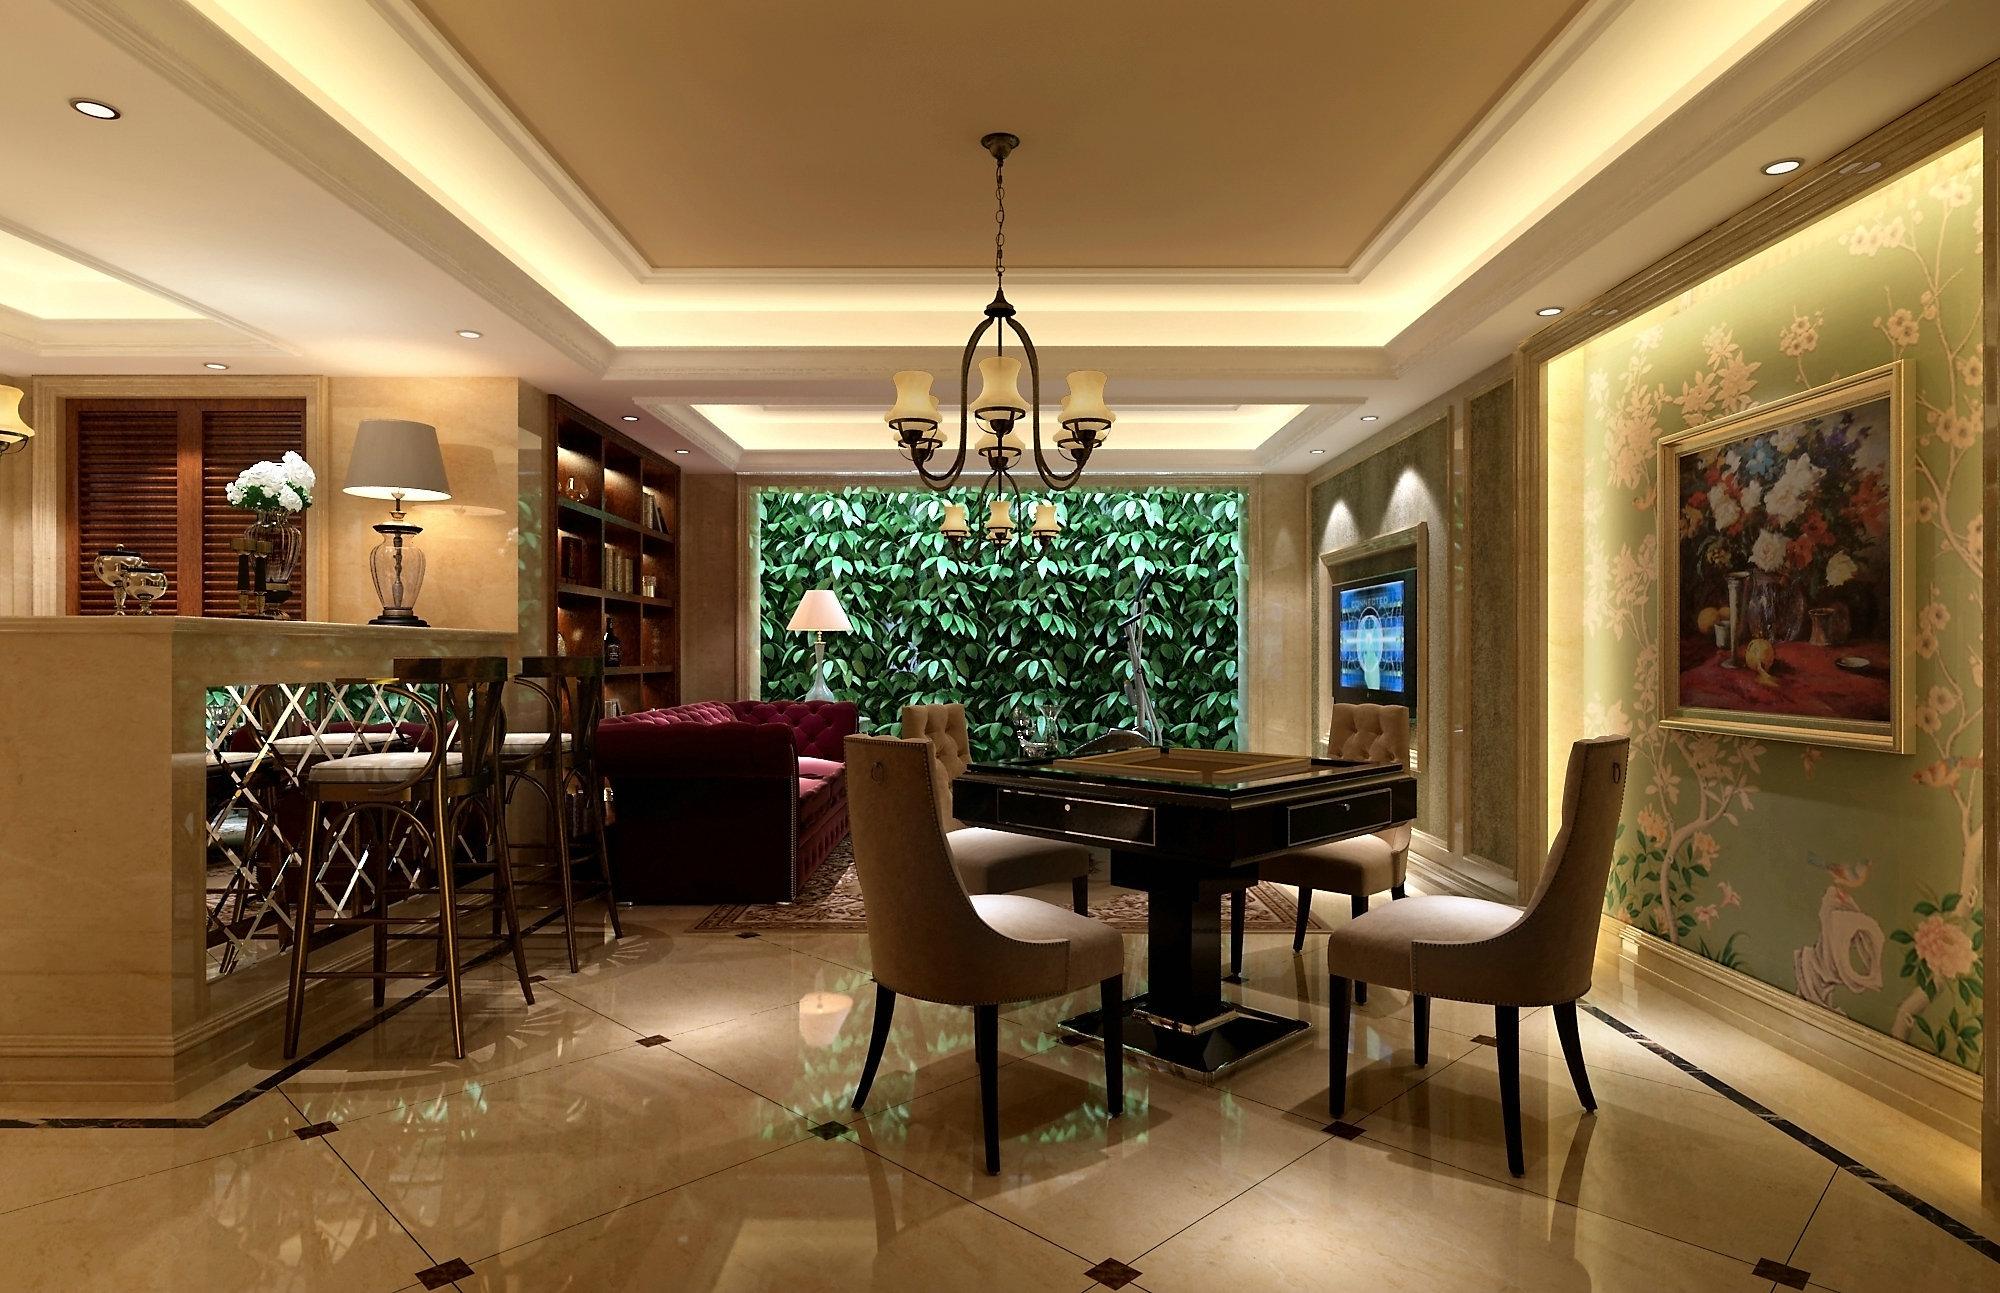 观庭别墅 现代风格 腾龙设计 餐厅图片来自腾龙设计在观庭500平别墅项目装修现代风格的分享